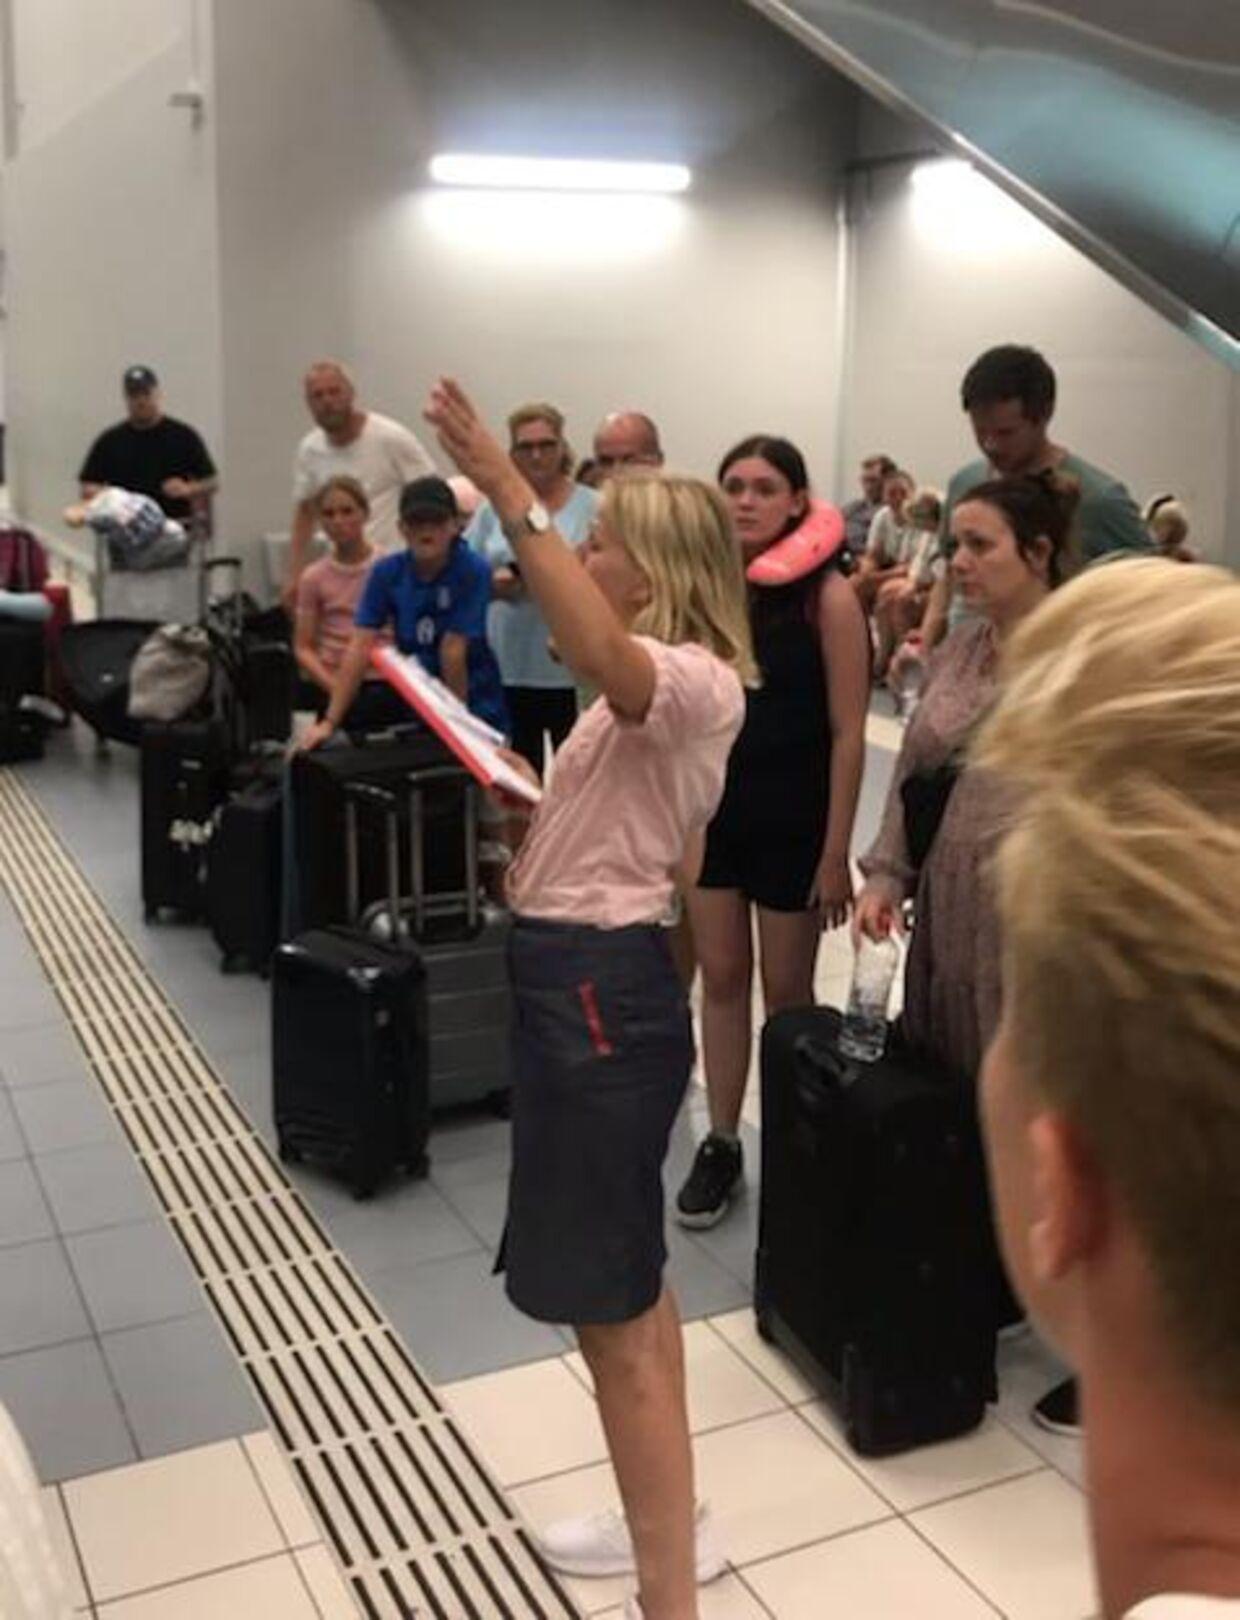 En medarbejder fra rejseselskabet Sunweb orienterer om situationen.